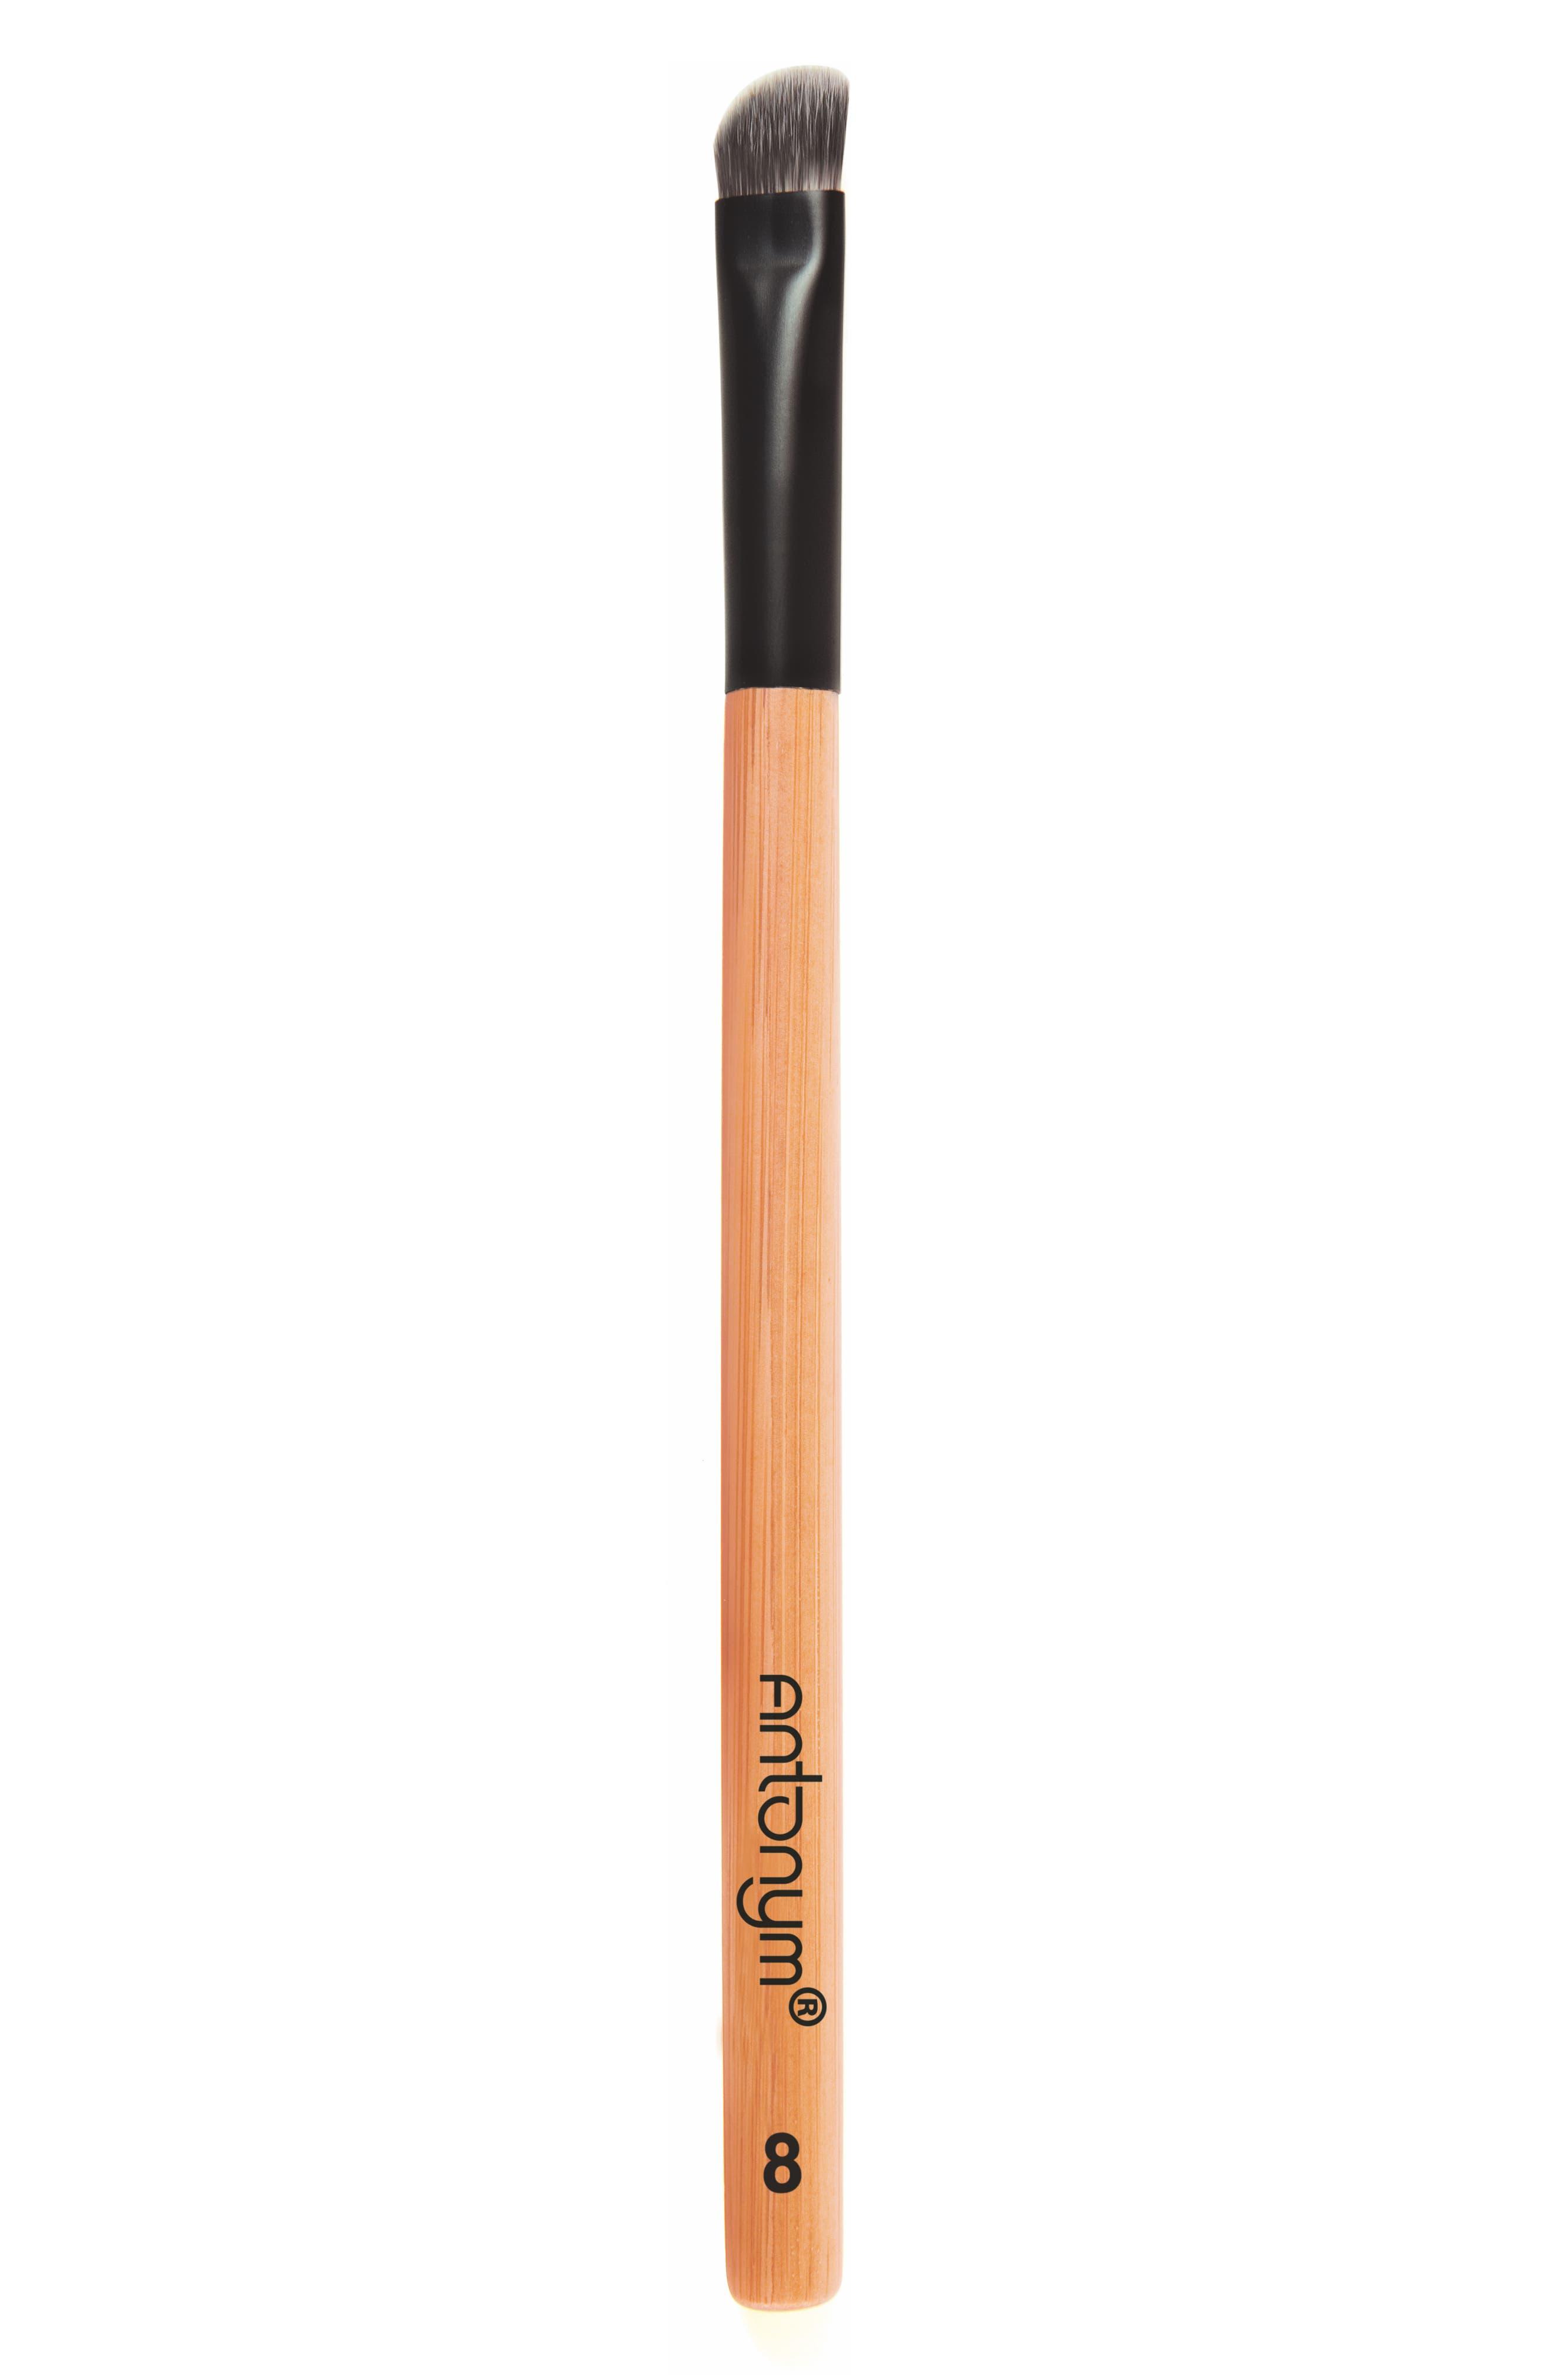 Medium Angled Eye Shader Brush,                             Main thumbnail 1, color,                             No Color